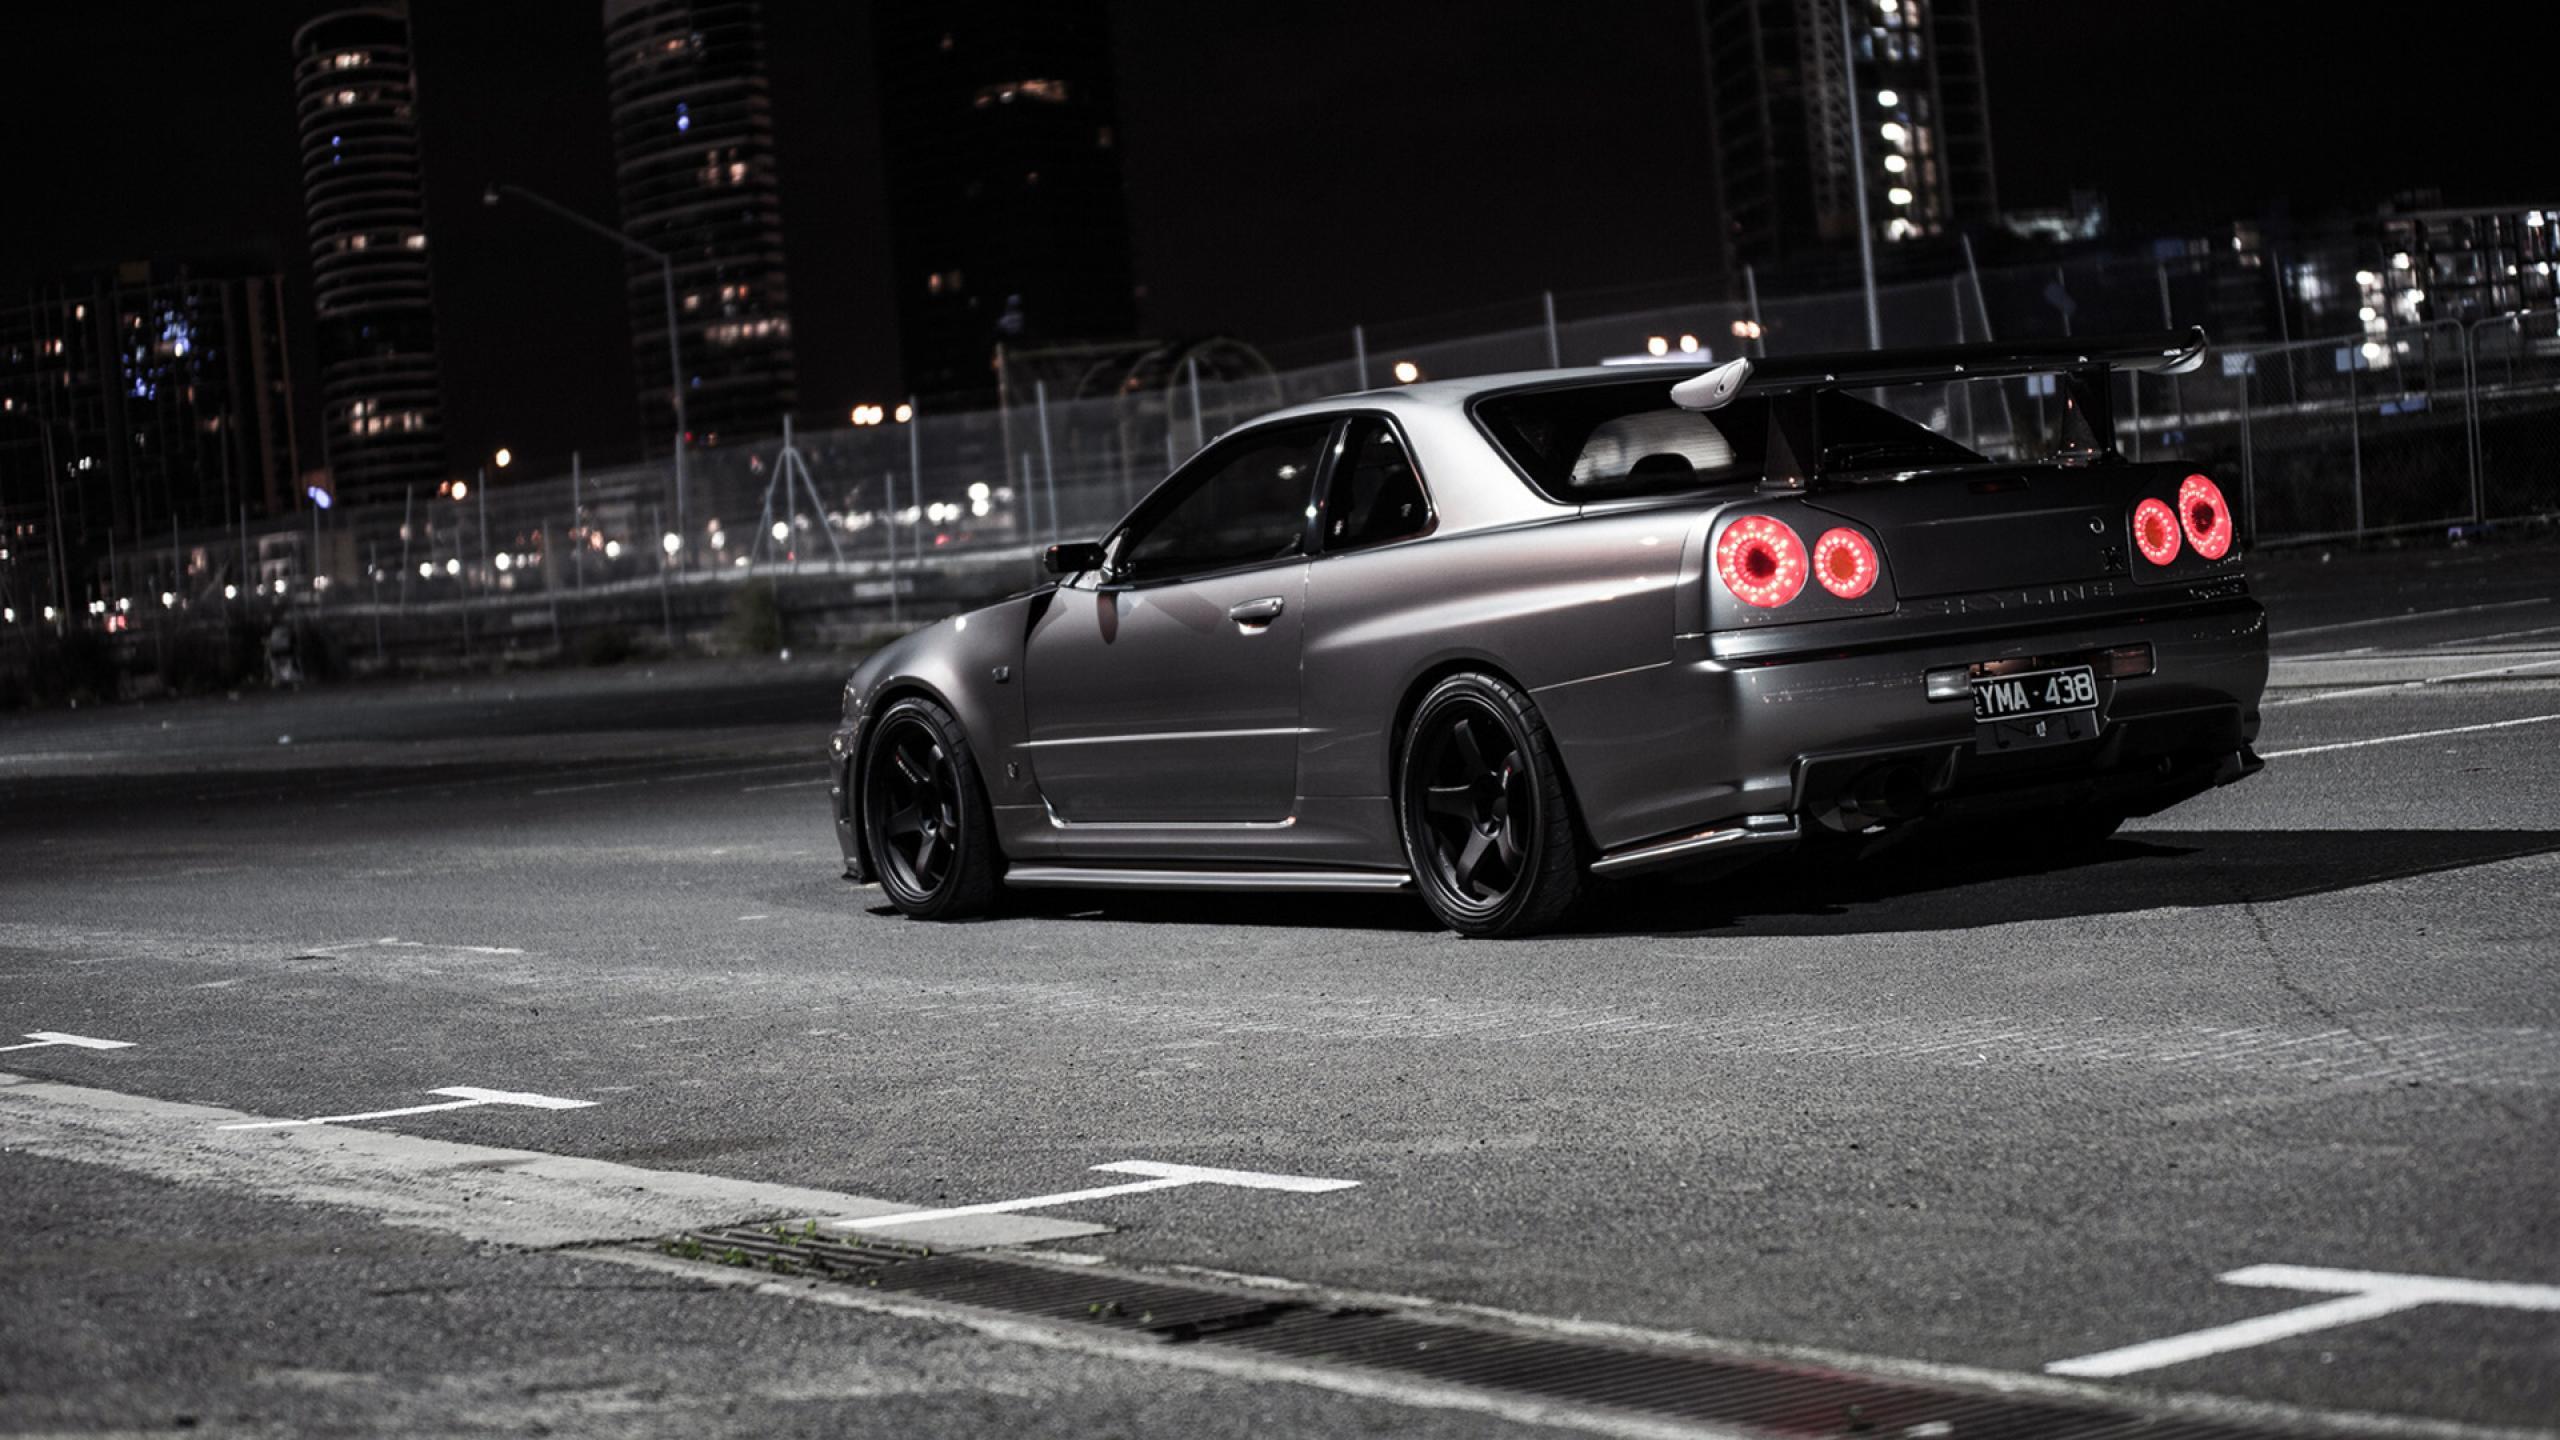 Skyline Car Wallpaper Hd Nissan Gtr Backgrounds Free Download Pixelstalk Net